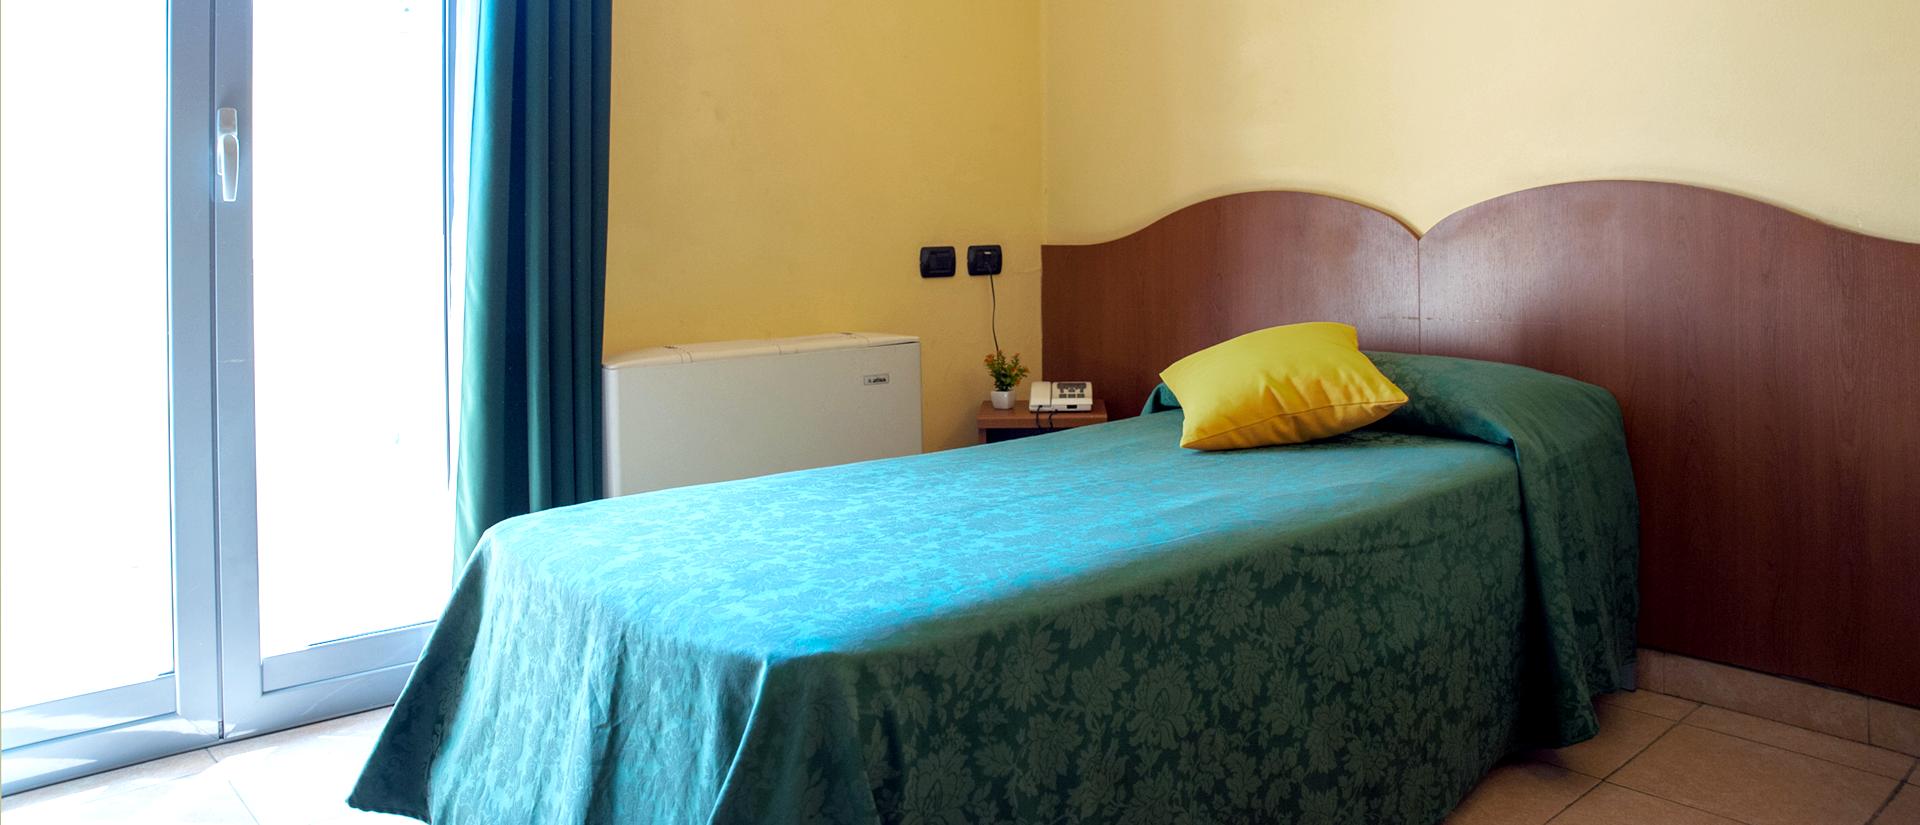 camera-singola-hotel-centrale-milano